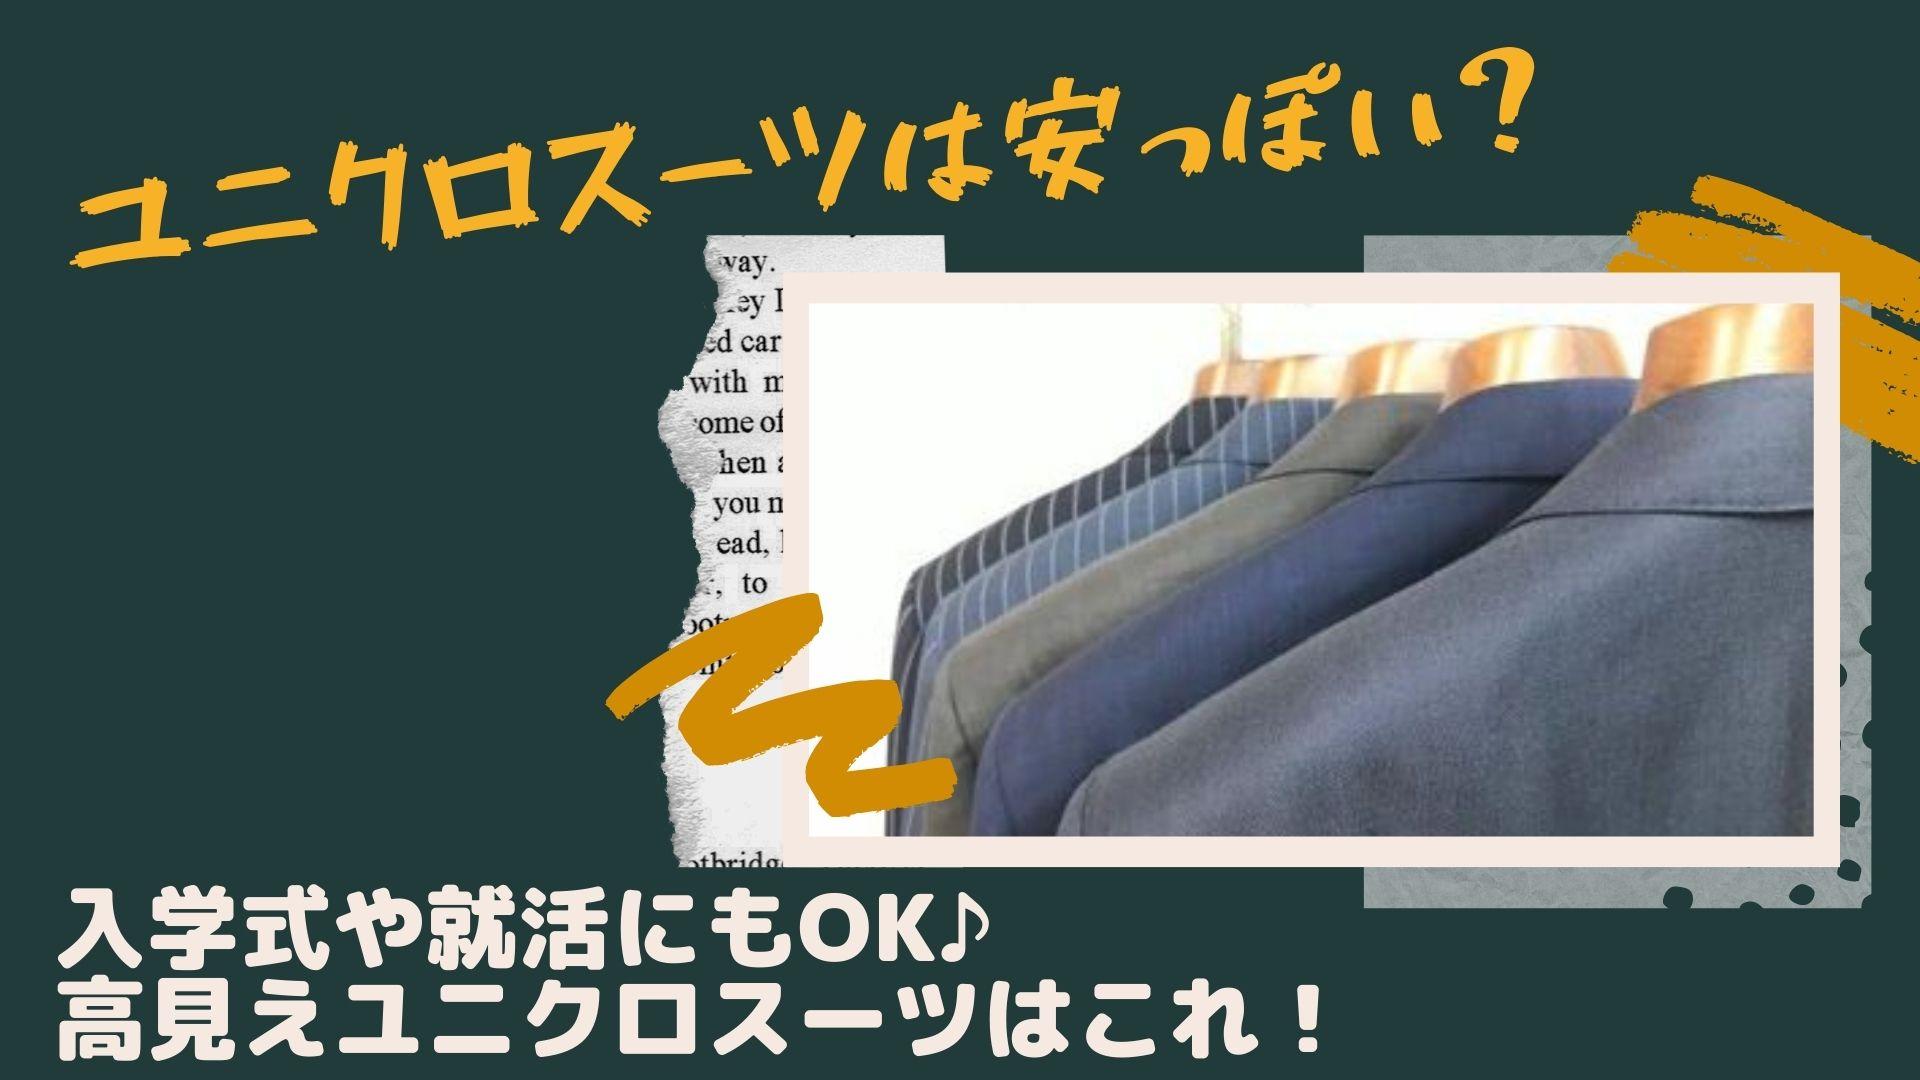 スーツ ユニクロ ユニクロ スーツ(フォーマル)は安っぽい?オーダー